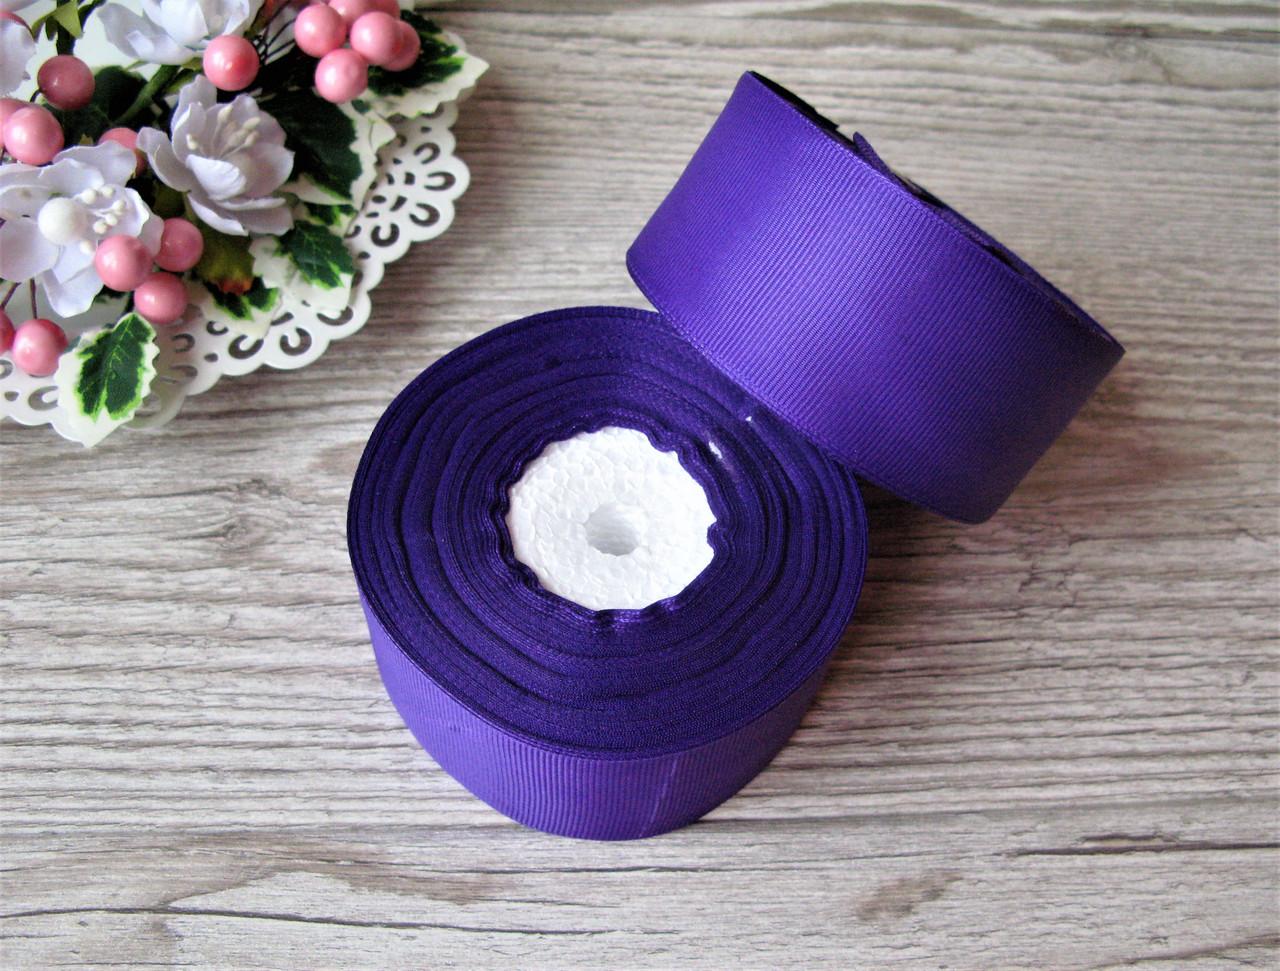 Лента репсовая 4 см темно фиолетовая, бобина 18 м - 51 грн